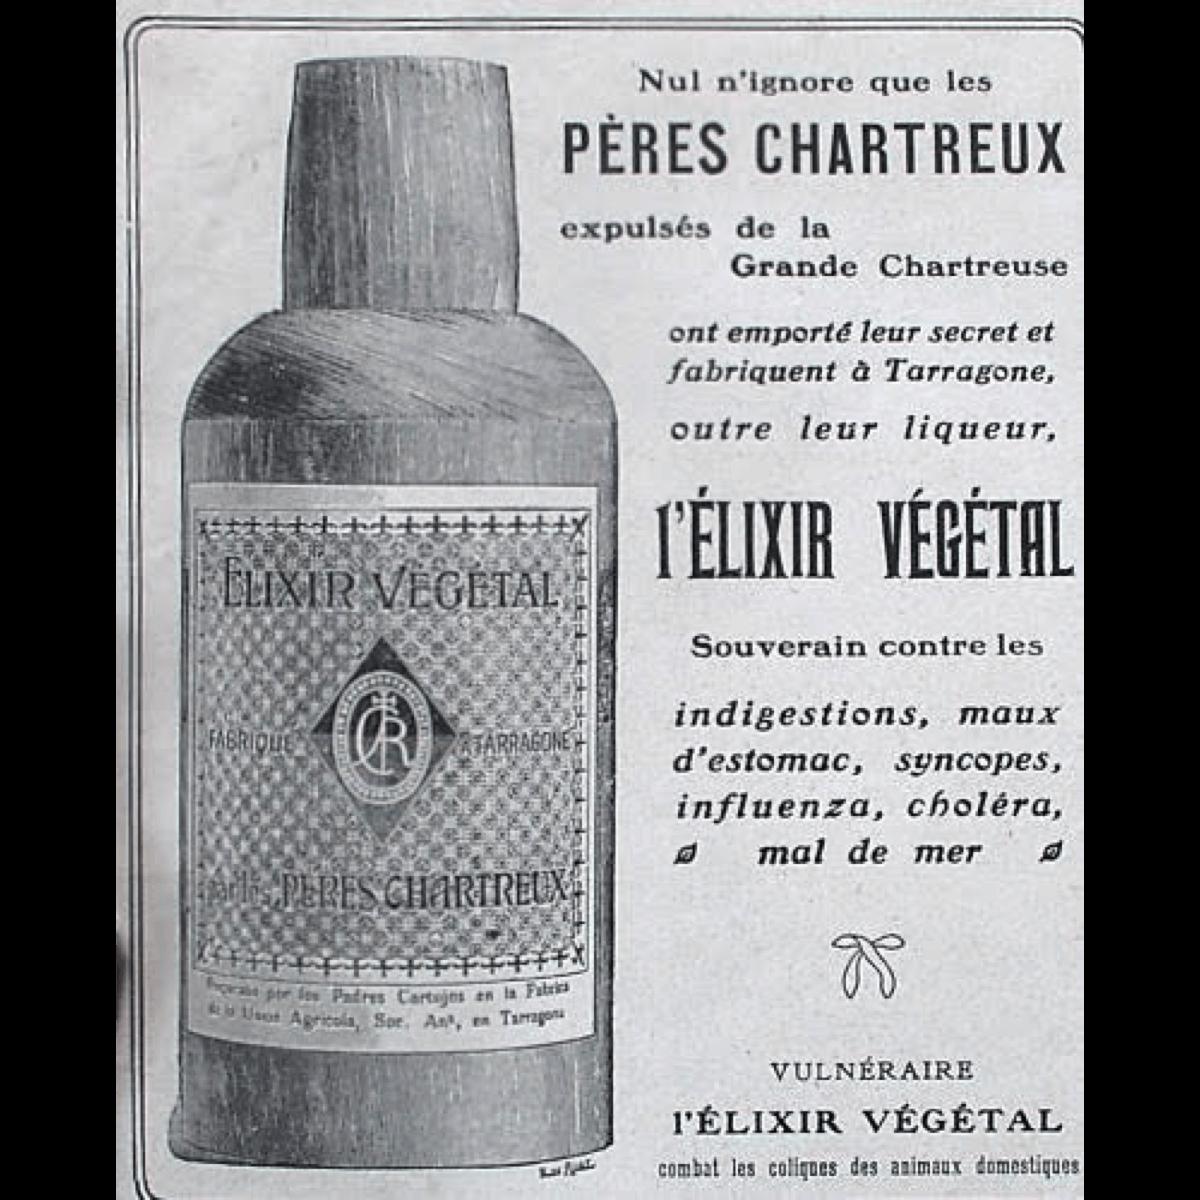 Cet encart de 1929 présente l'élixir végétal de la Grande Chartreuse, souverain contre «les indigestions, maux d'estomac, syncopes, influenza, choléra et mal de mer»